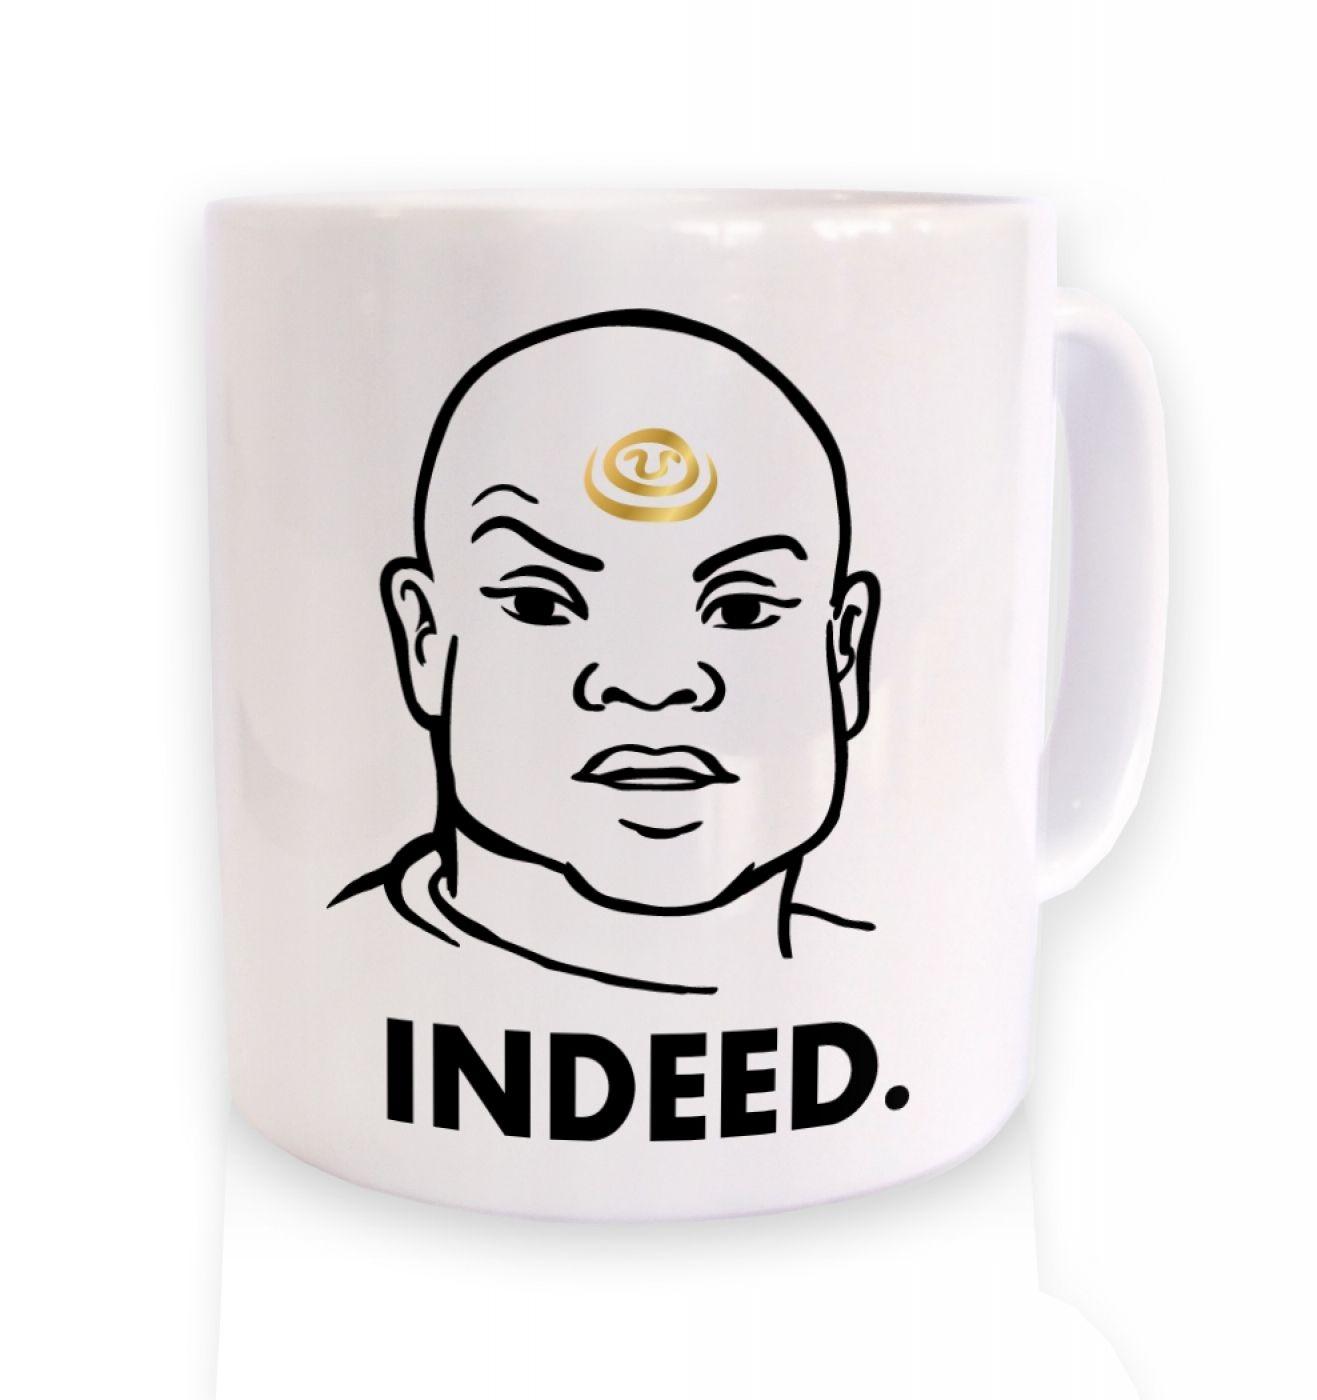 Indeed Teal'c mug